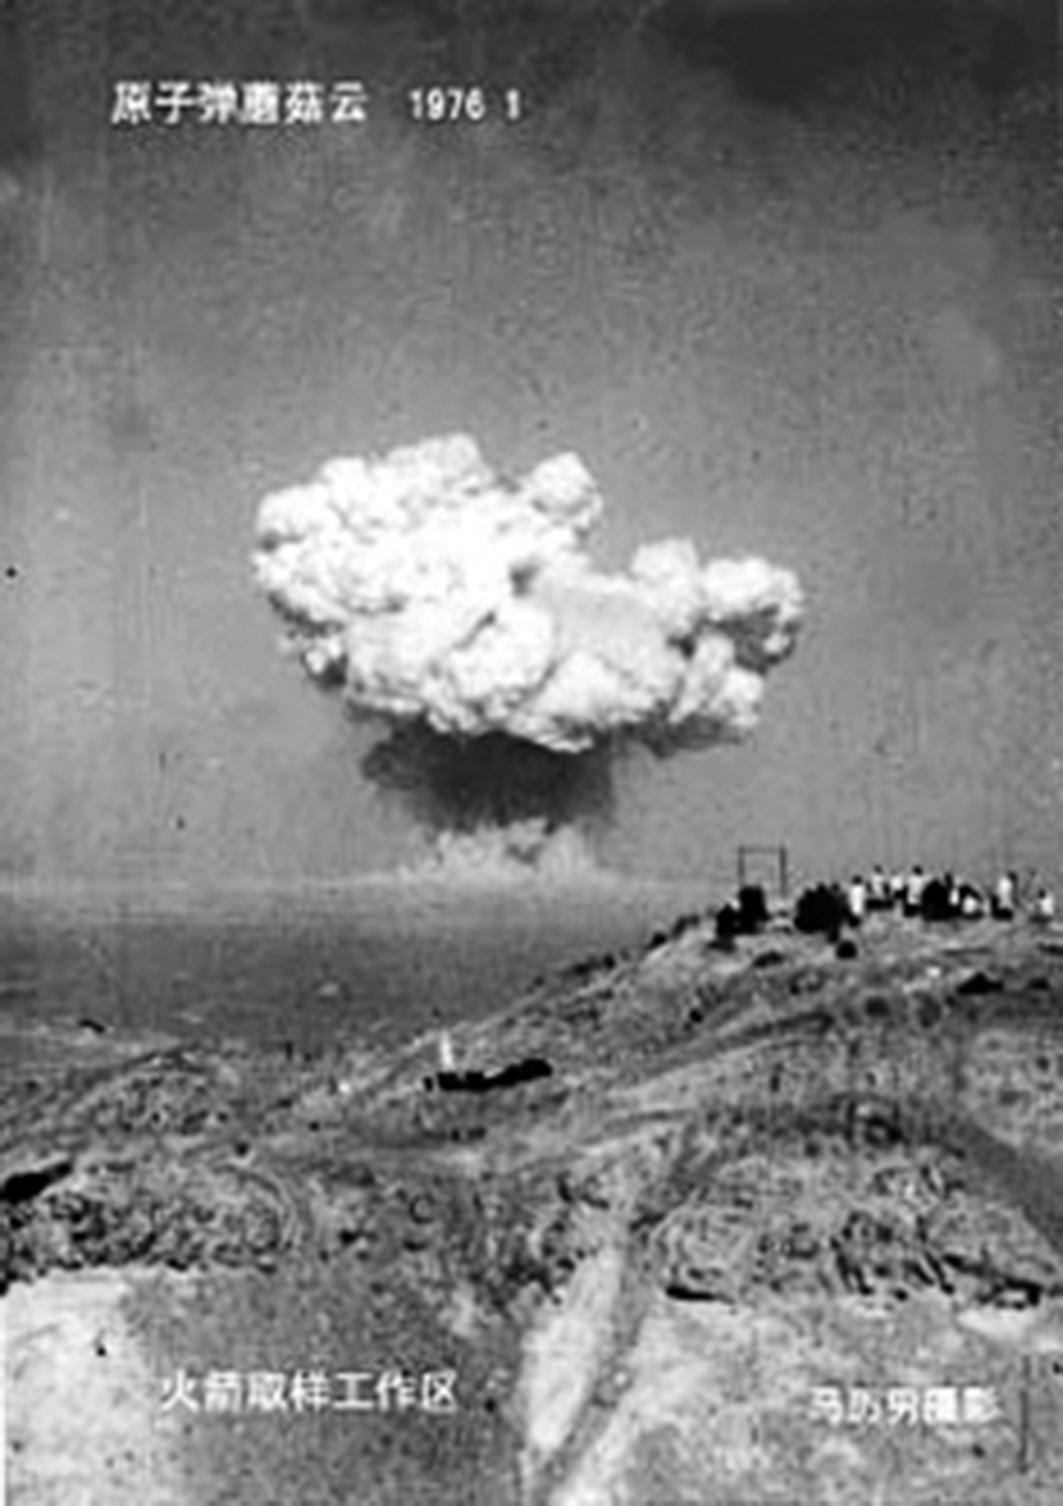 原8023部隊老兵所拍的核子試驗。(劉清提供)